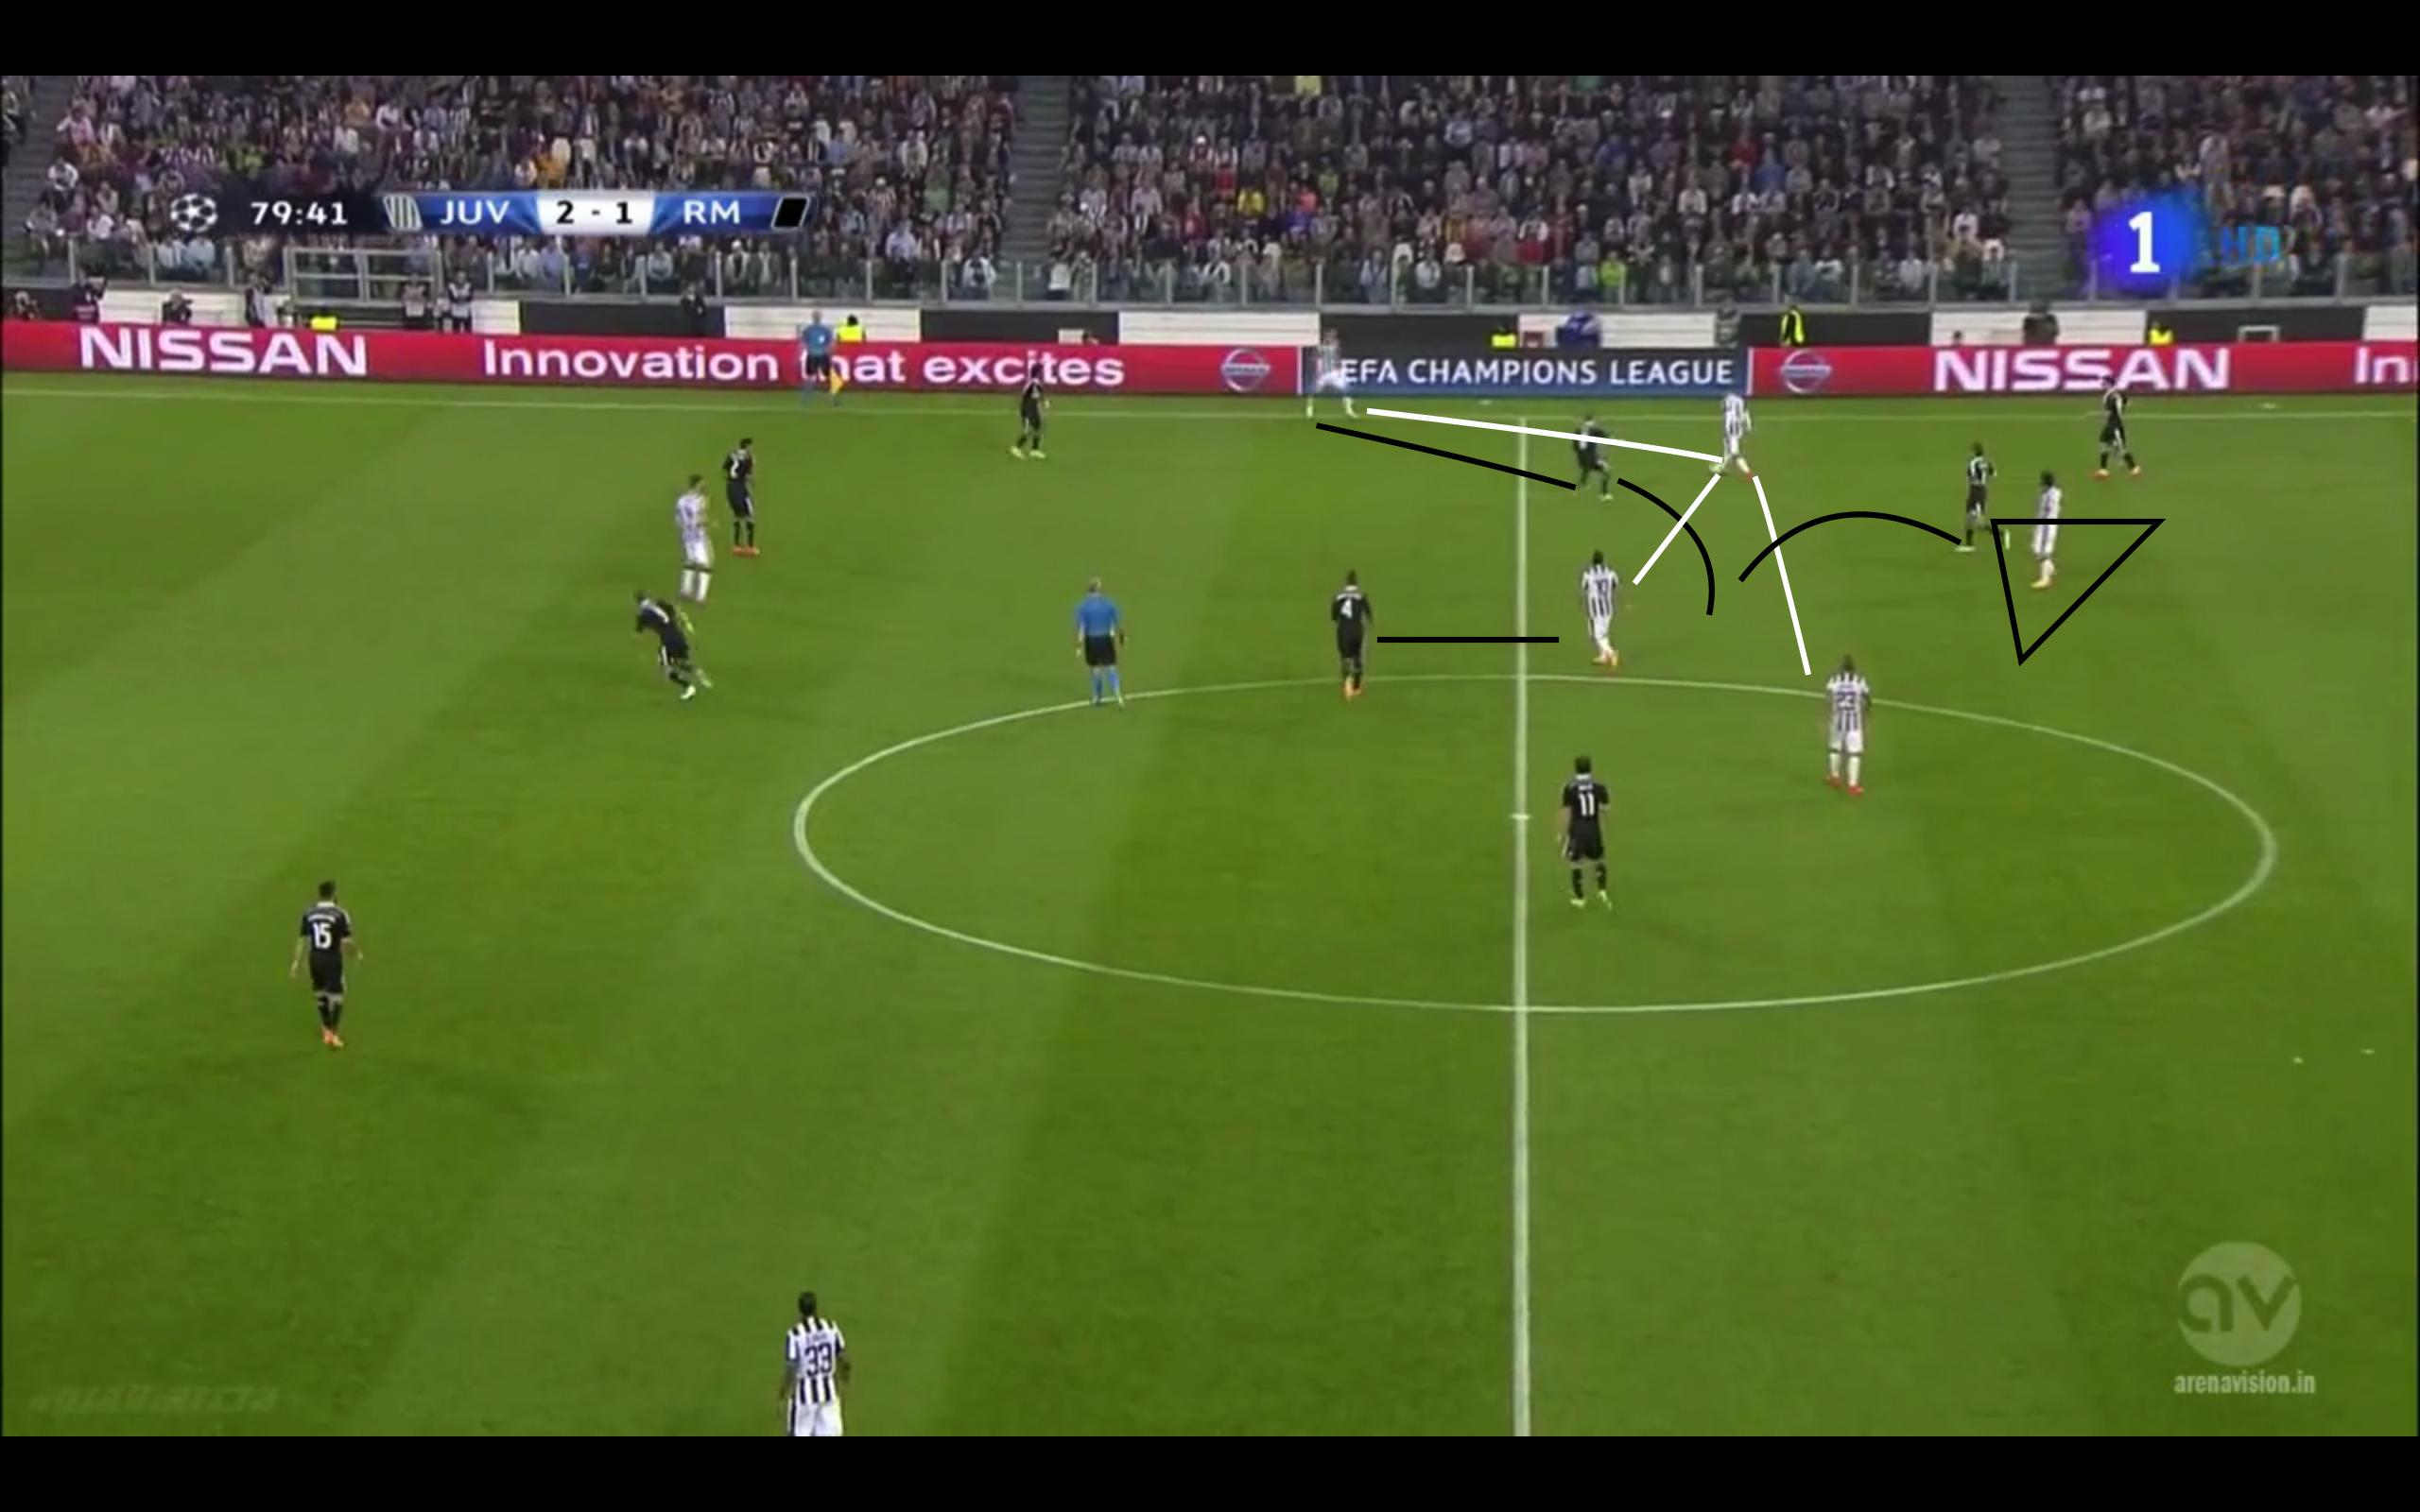 Hernandez orientierte sich auch viel stärker an Pirlo und verhinderte so schnelle Seitenverlagerungen. Durch seine Positionsfindung hält er das Spiel auf dem Flügel gefangen und verhindert mögliche Sichtfelddrehungen.